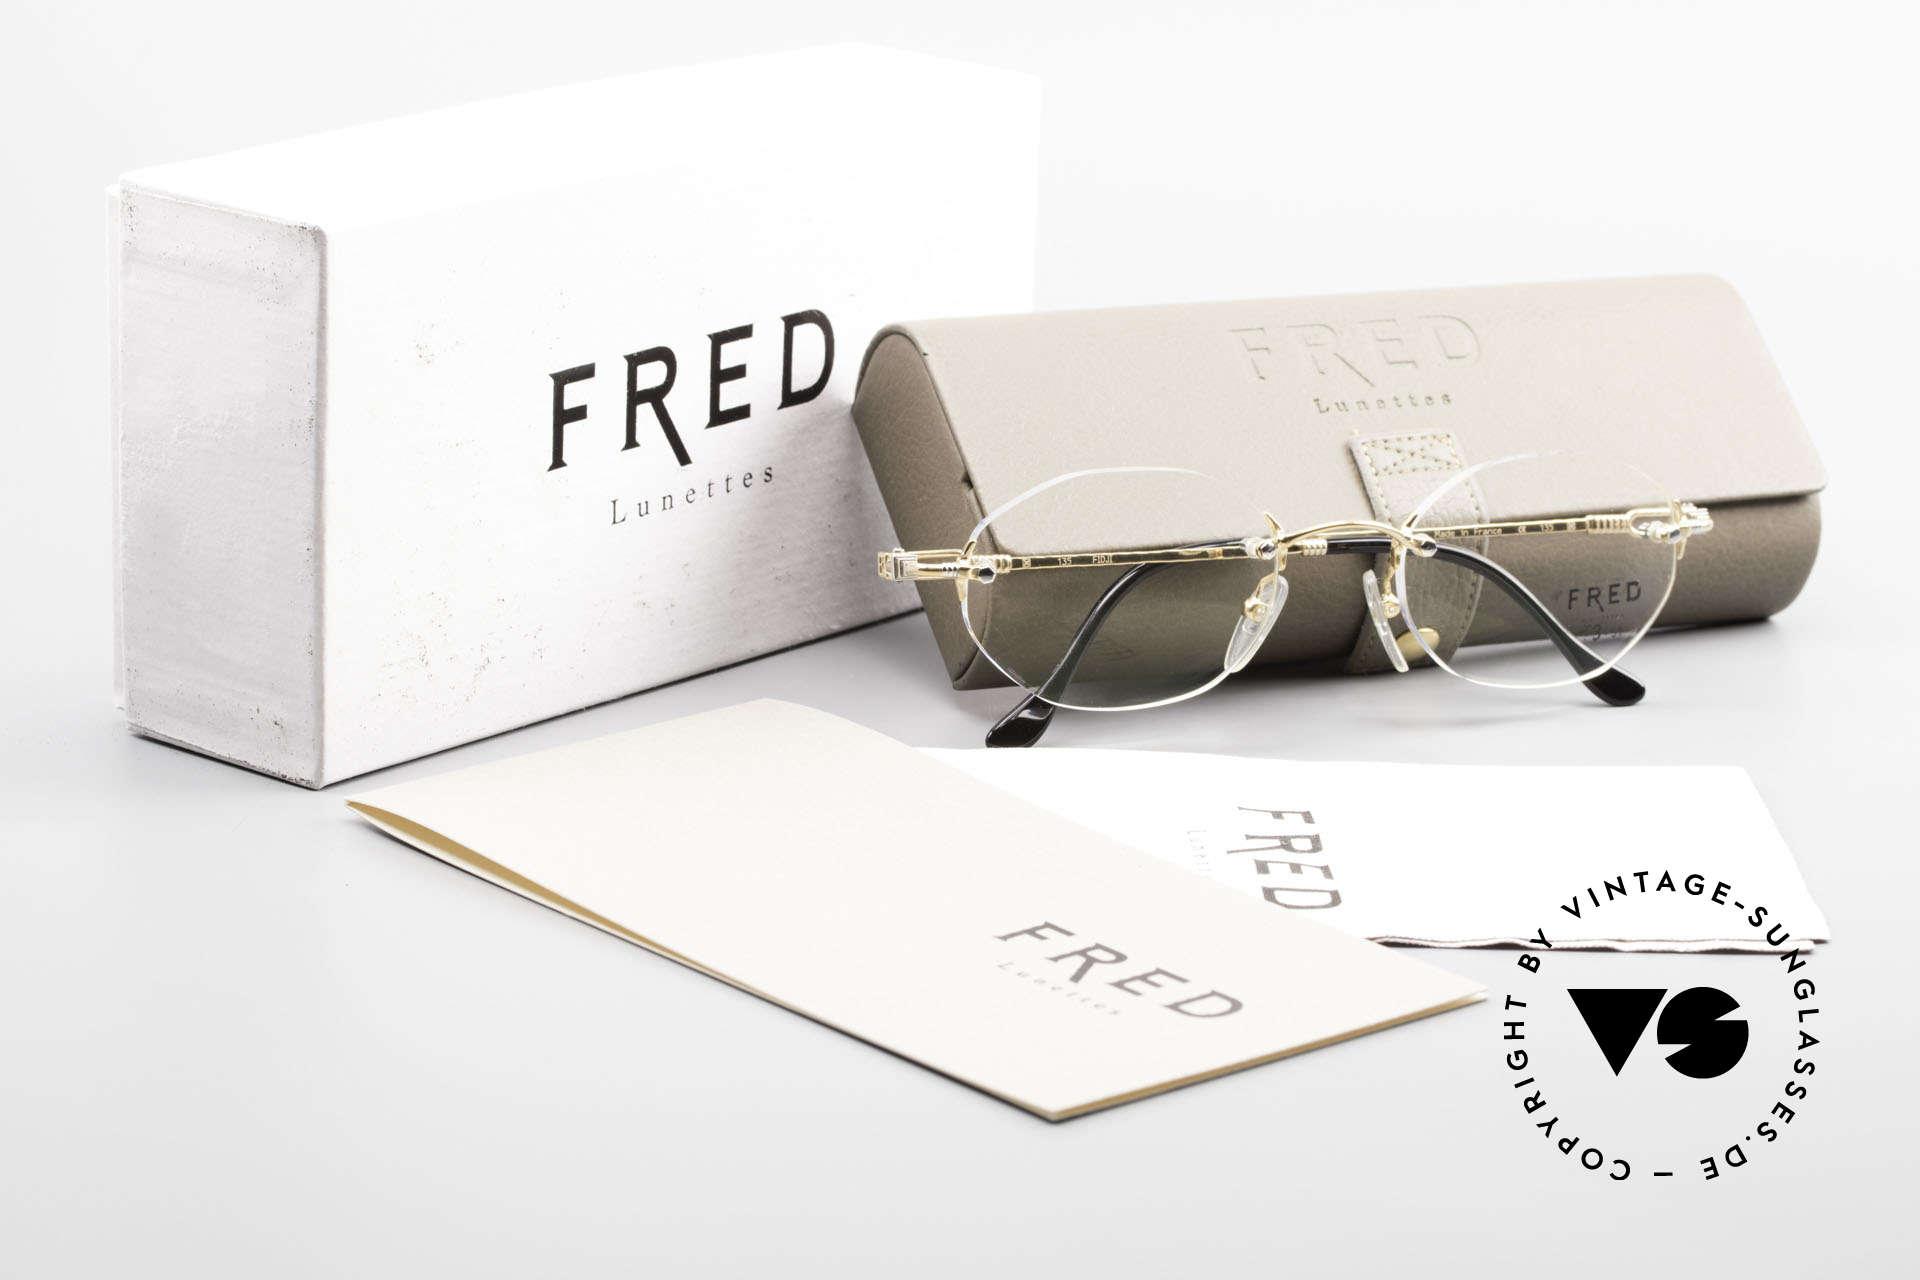 Fred Fidji Luxus Brille Randlos Segler, ungetragenes Original mit original Verpackung von Fred, Passend für Herren und Damen